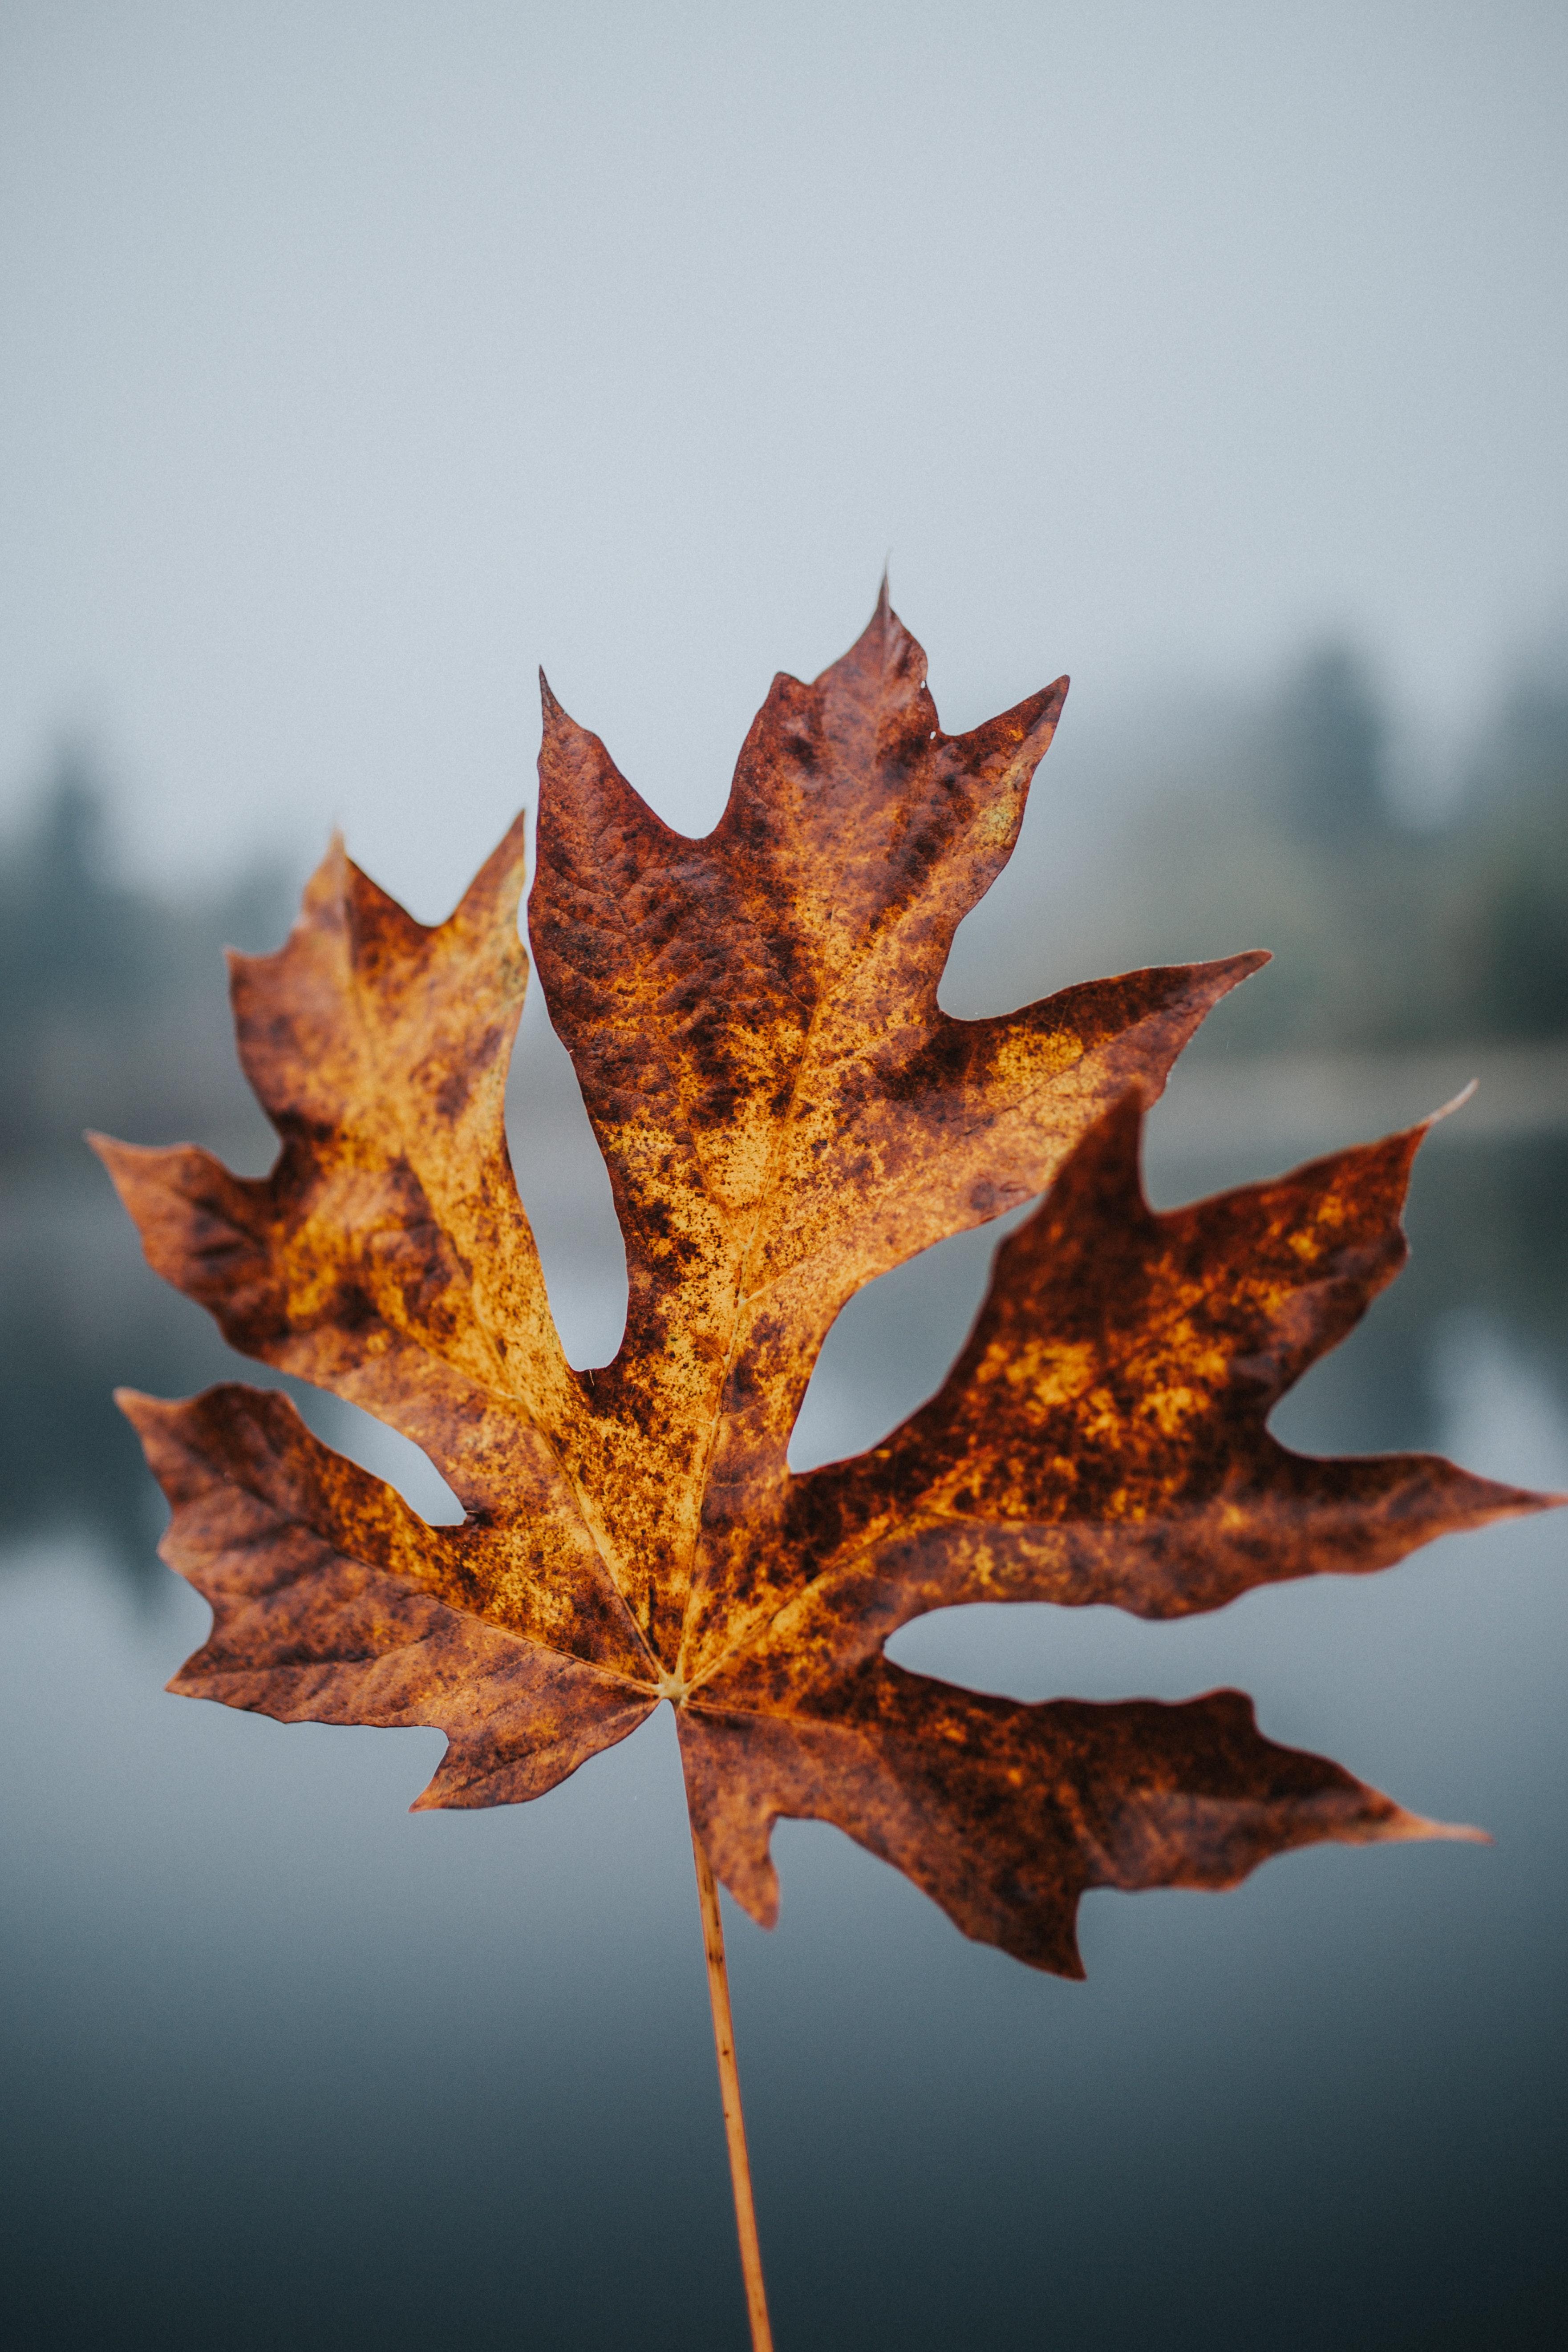 Ảnh lá phong vàng Canada cực đẹp